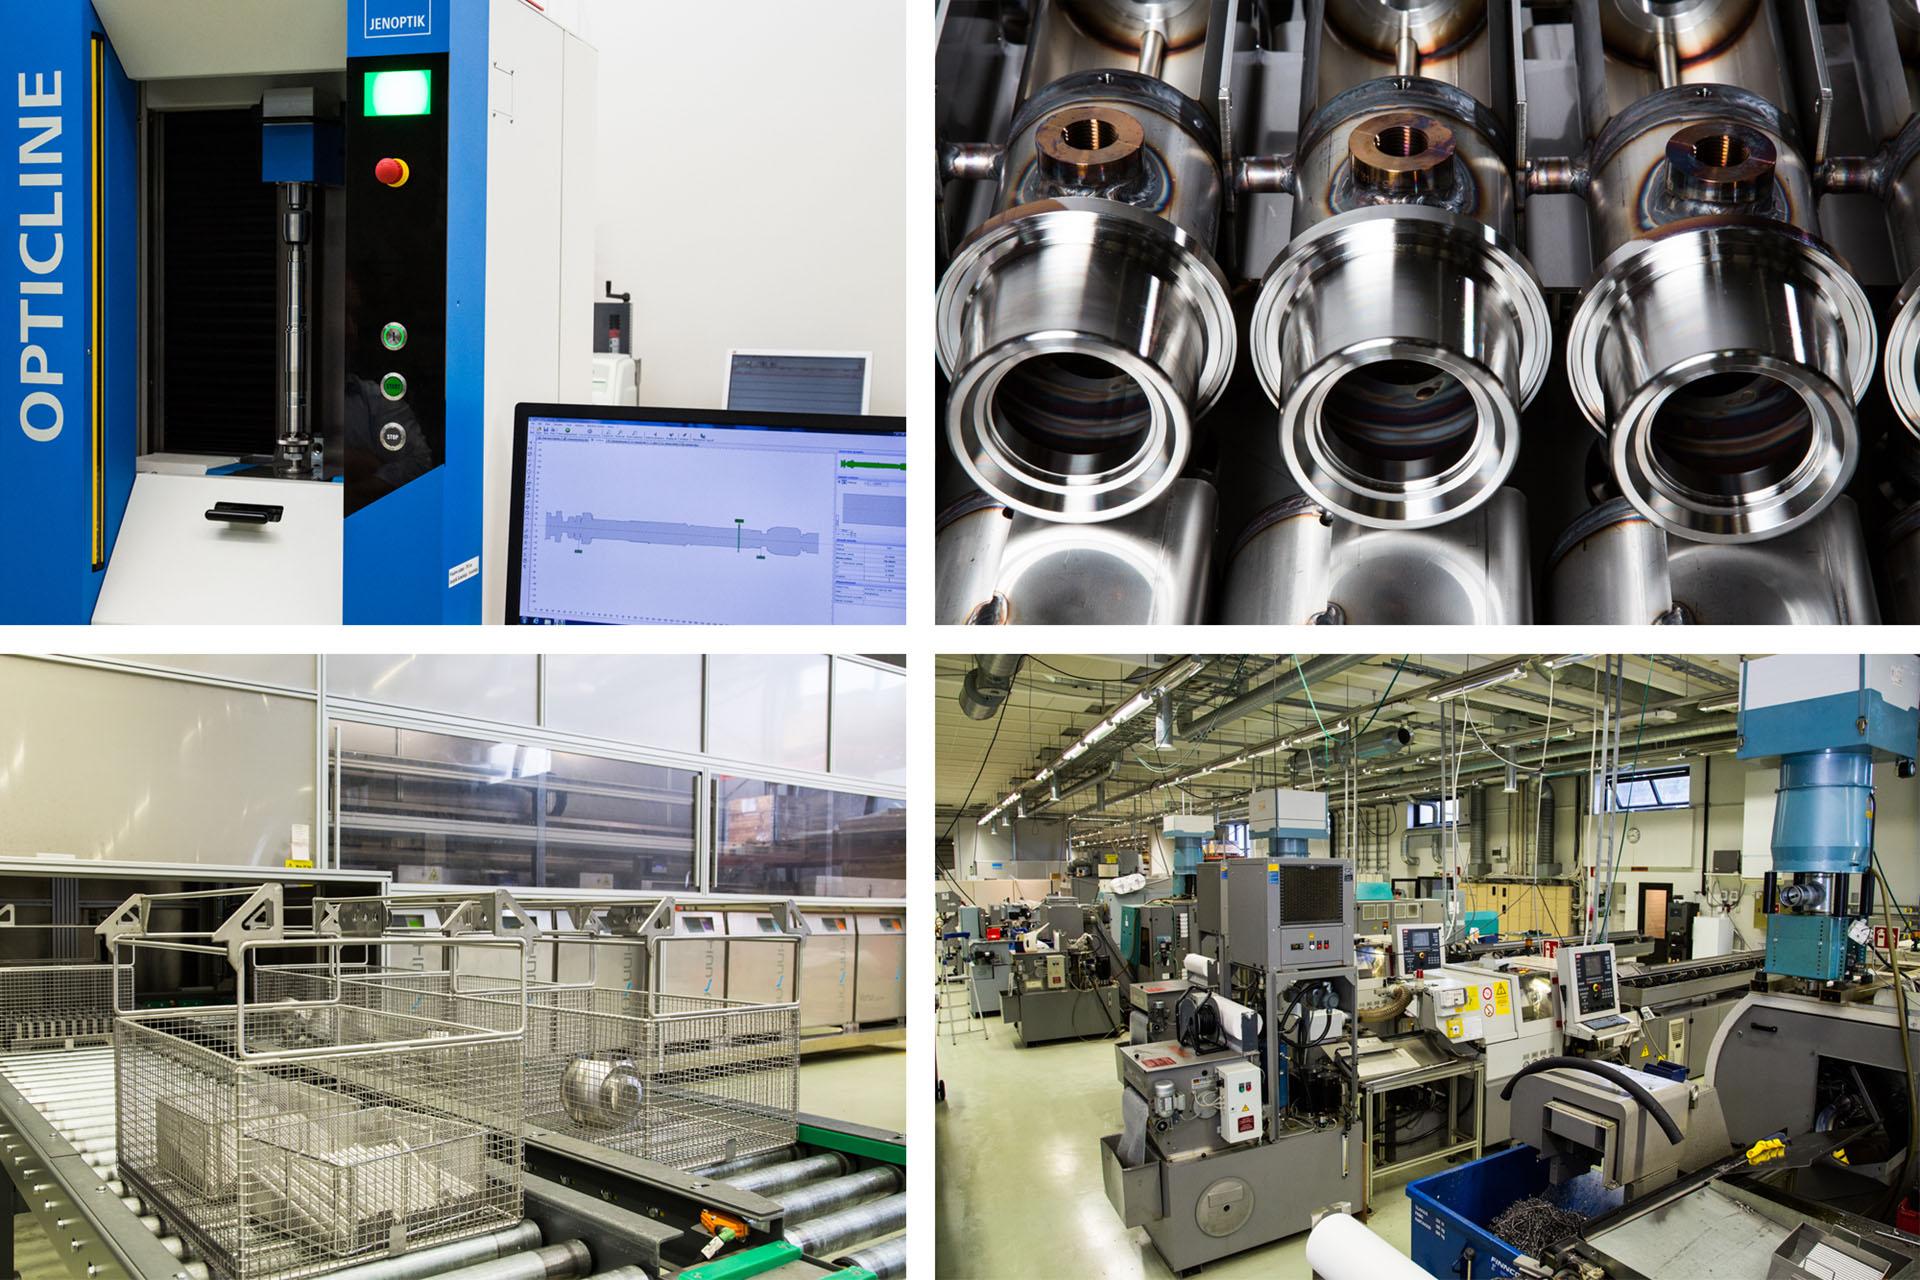 Tuotantoomme kuuluvat elektroniikkateollisuuden mekaaniset komponentit, paineilmaohjatut sylinterit, palloventtiilit ja komponentit sairaalateknologian laitteisiin.